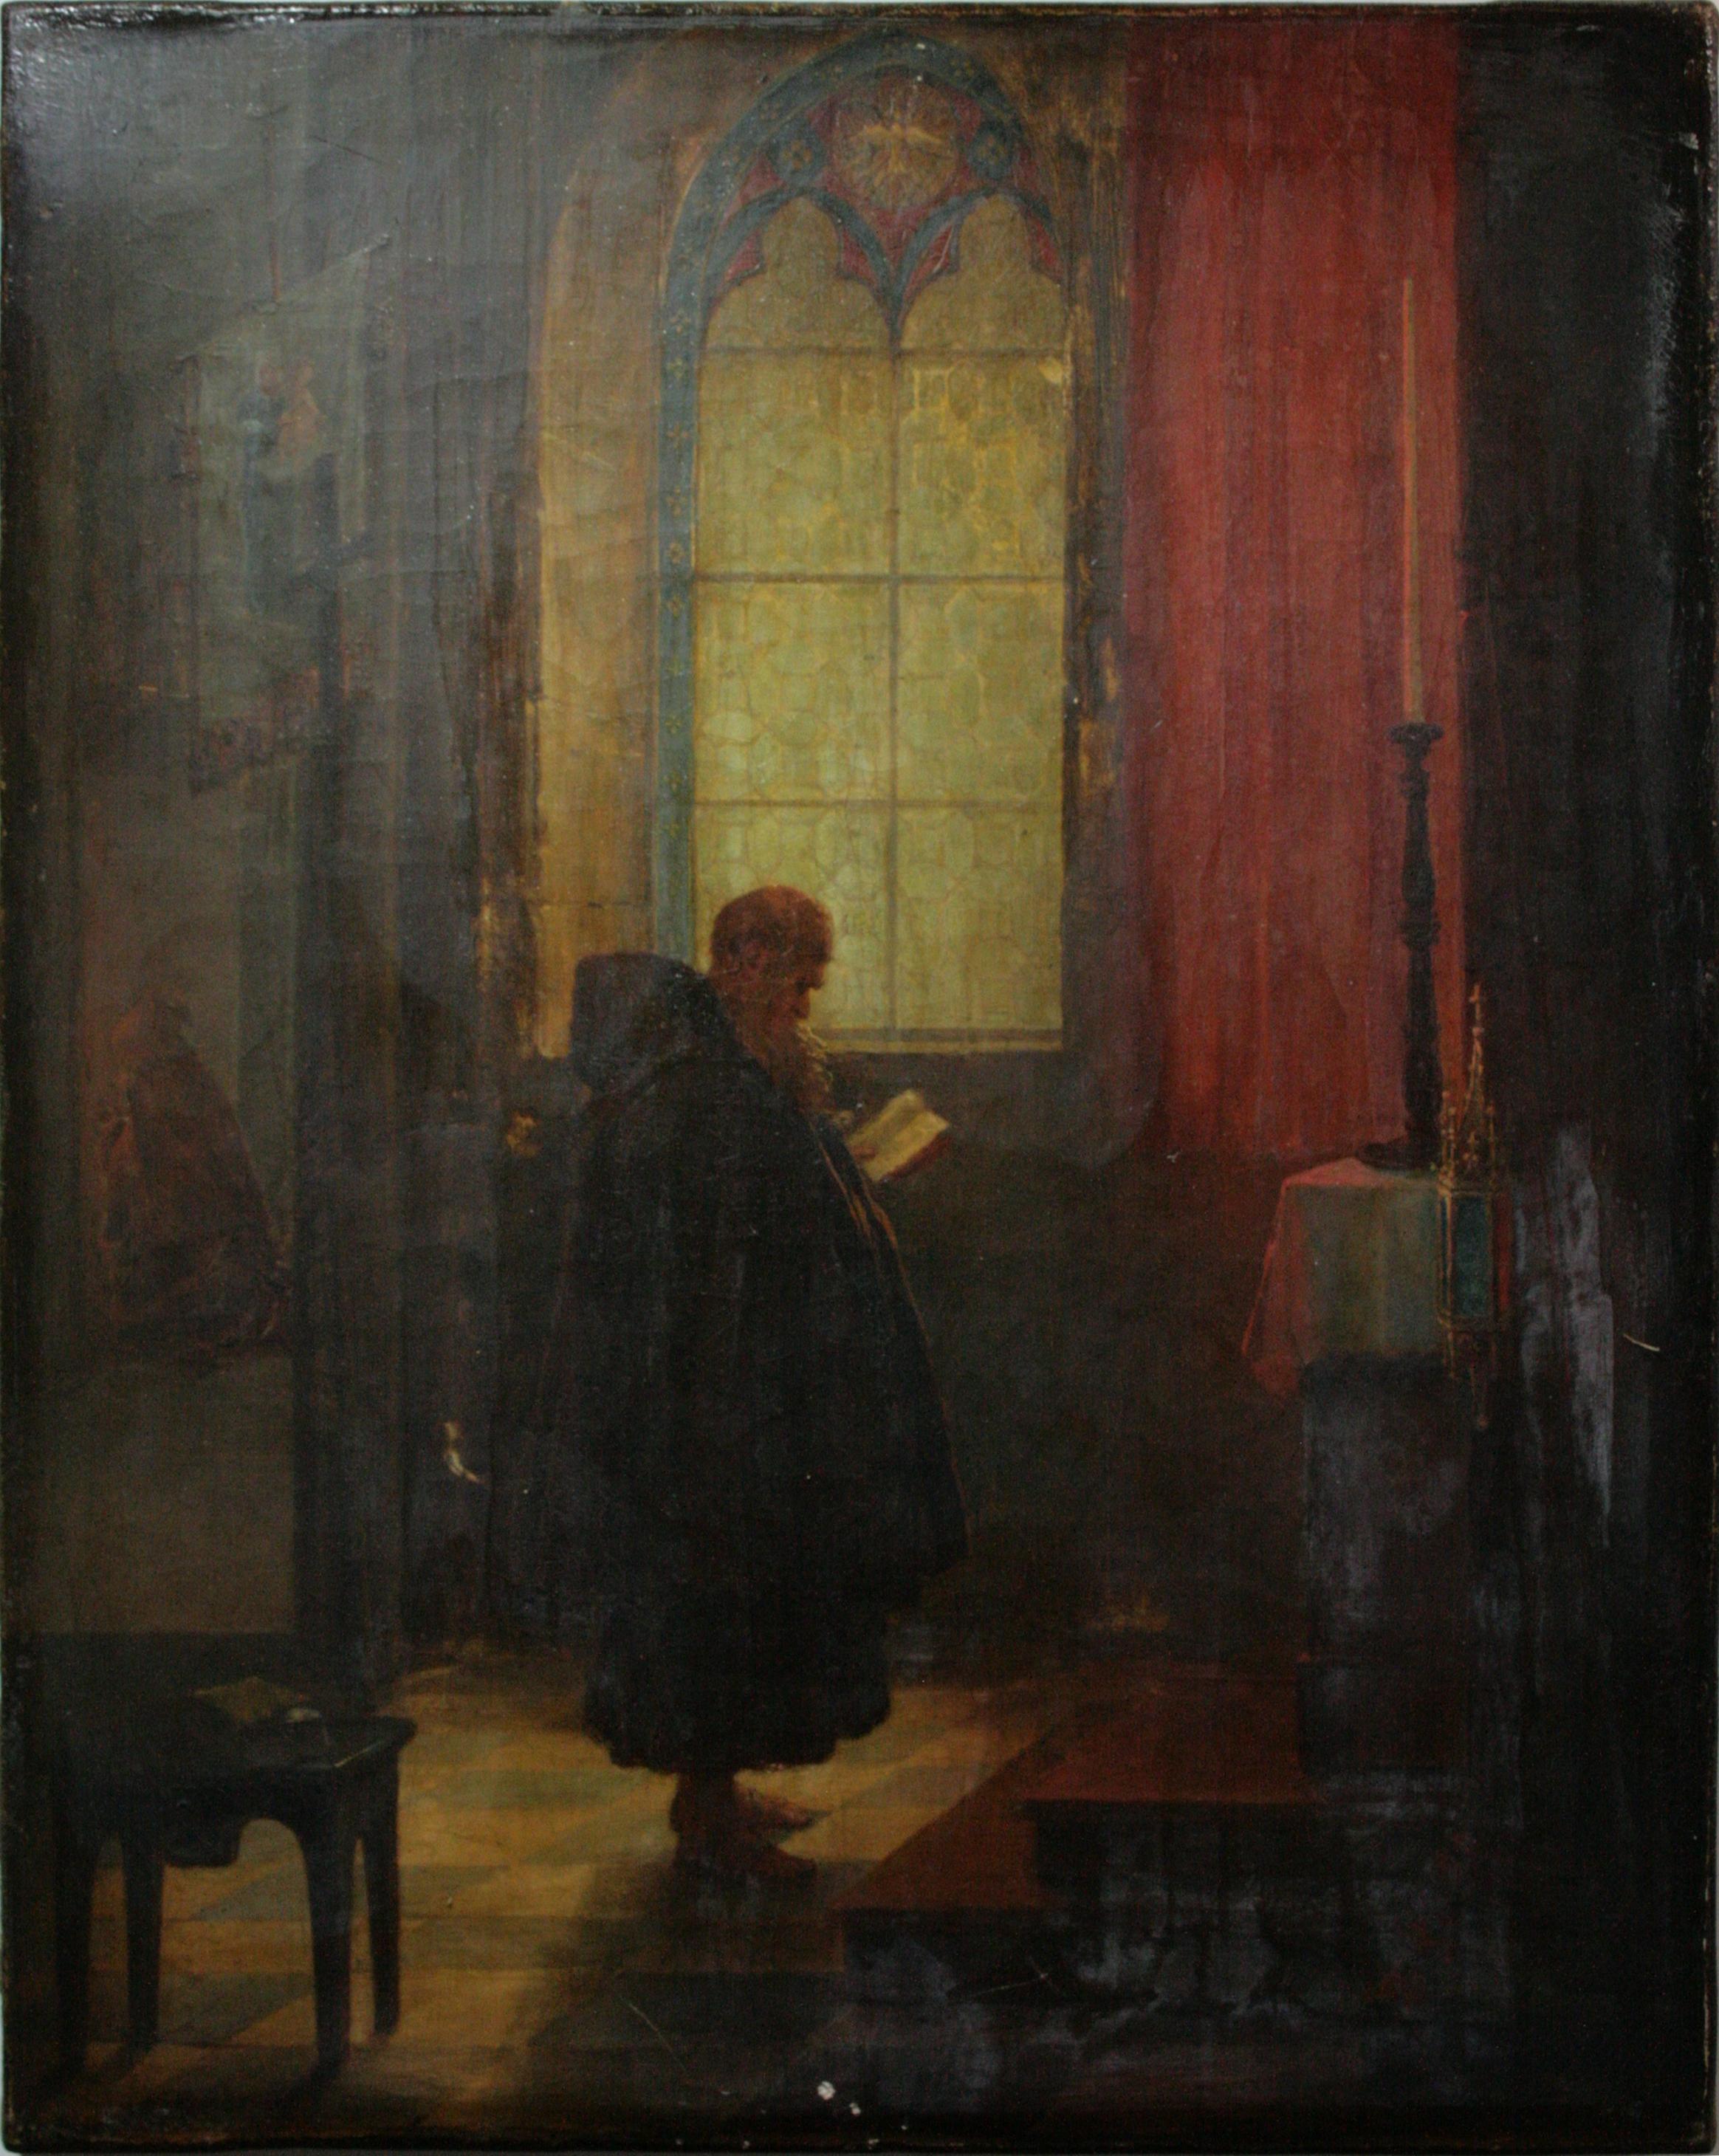 LE MOINE - Jean-Baptiste Goyet (première moitié du XIXe siècle) - Peinture à l'huile sur toile